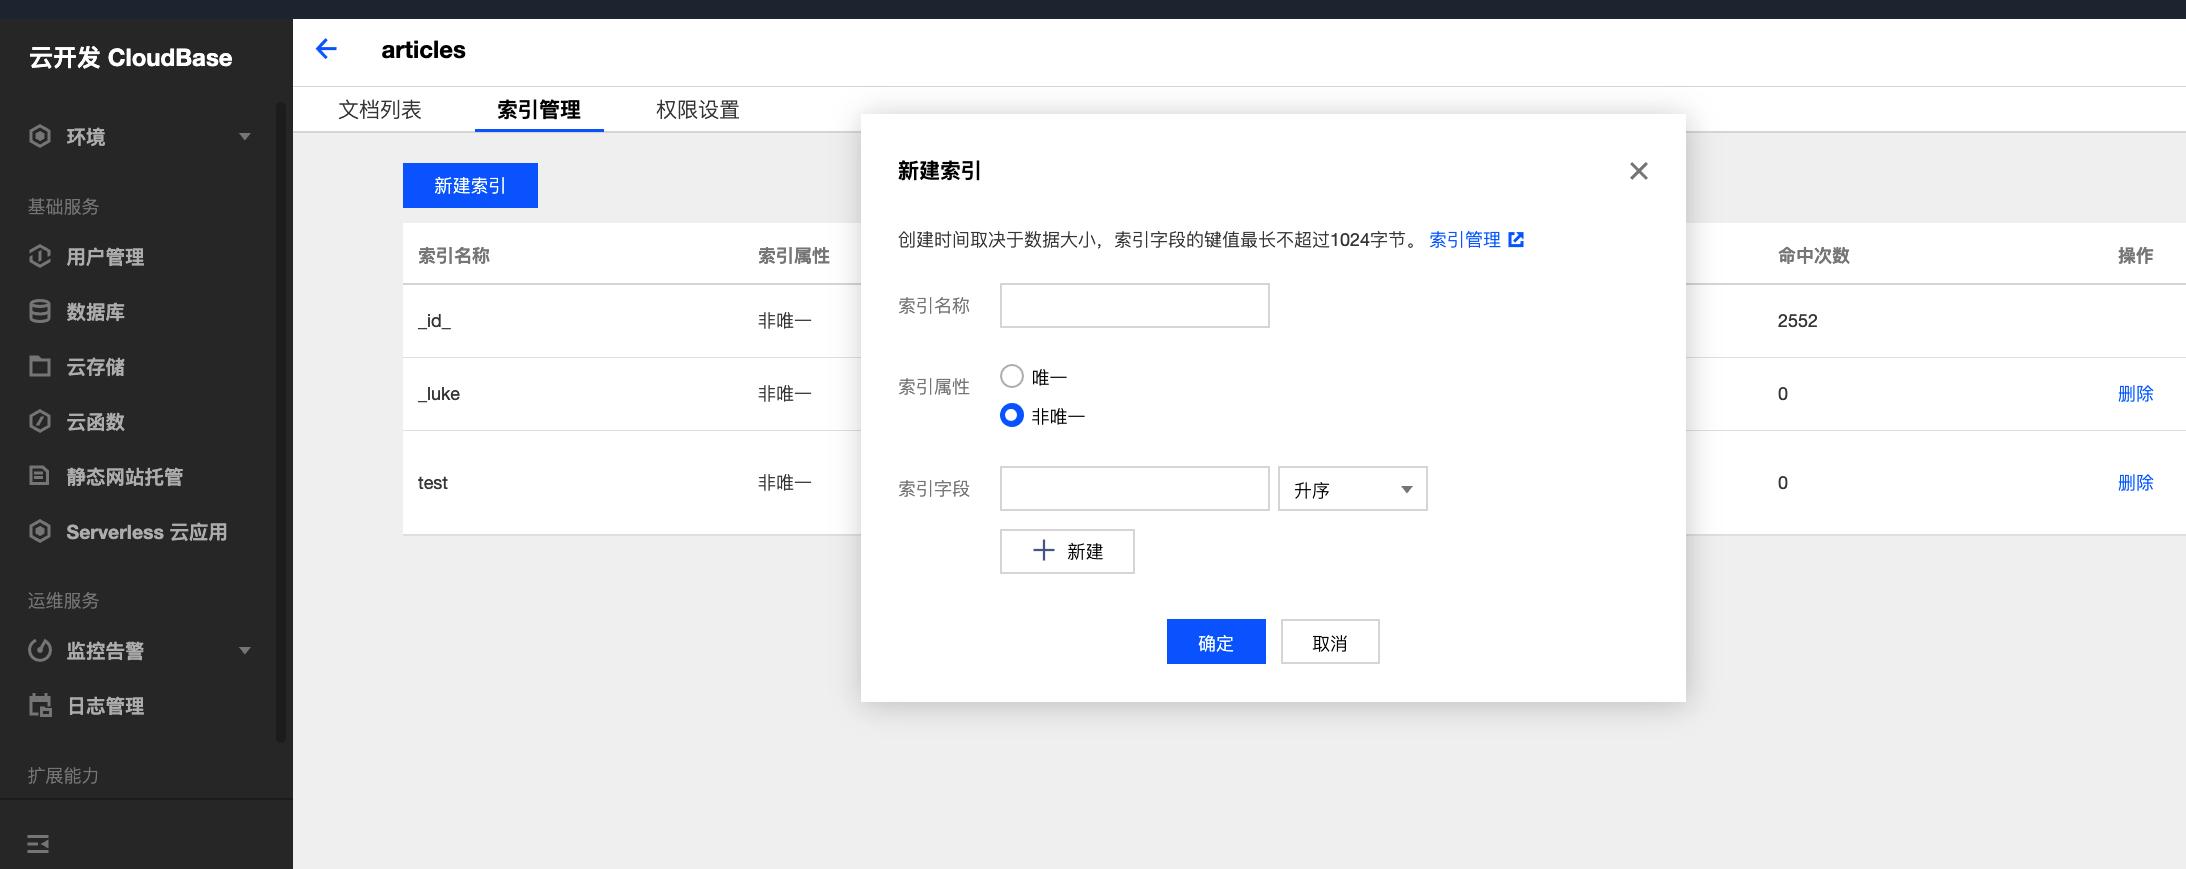 权限设置 - 云开发 CloudBase 控制台